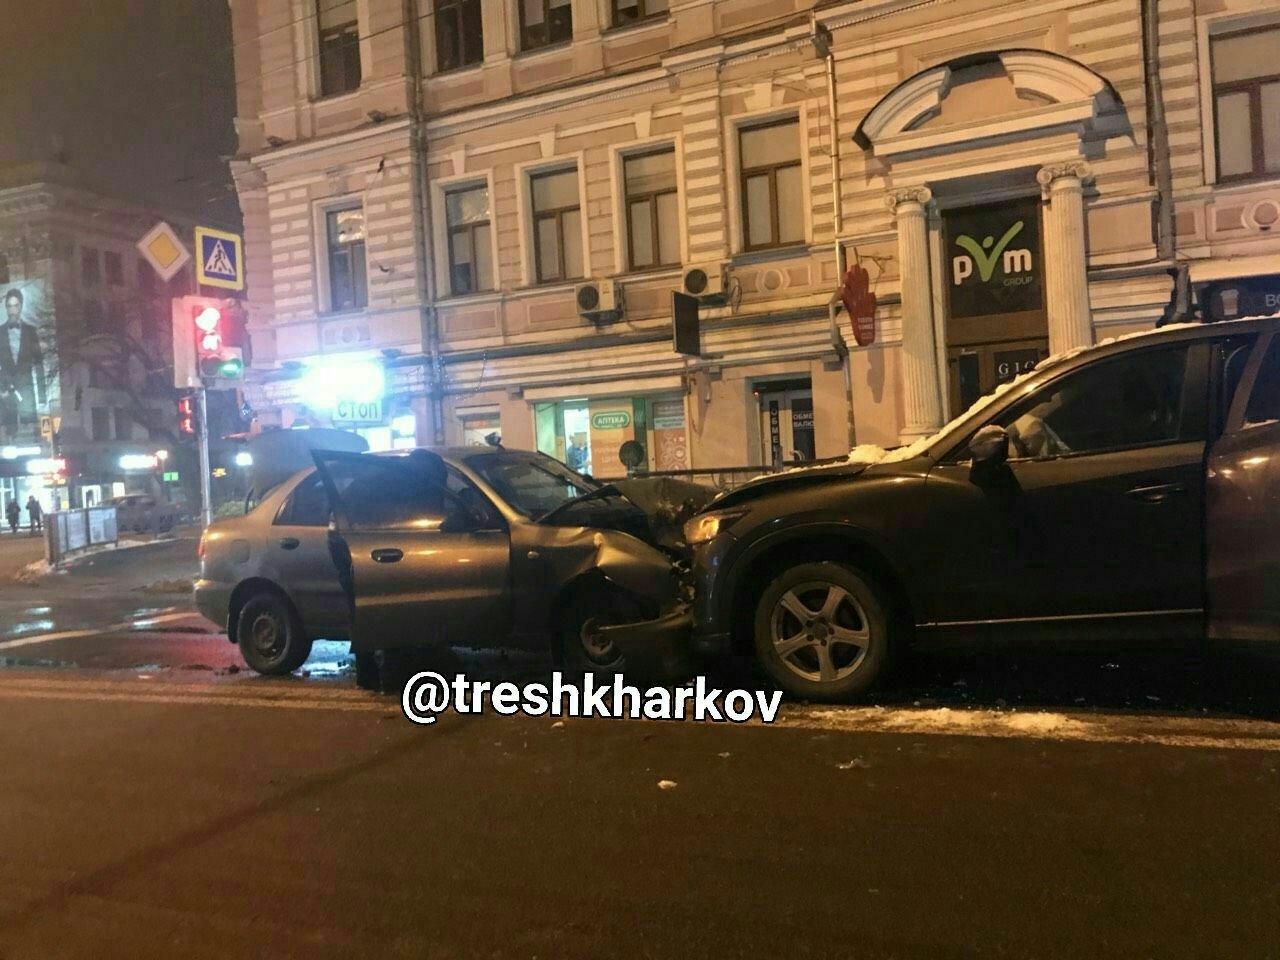 Тройное ДТП на Сумской. В полиции рассказали подробности аварии, - ФОТО, фото-1